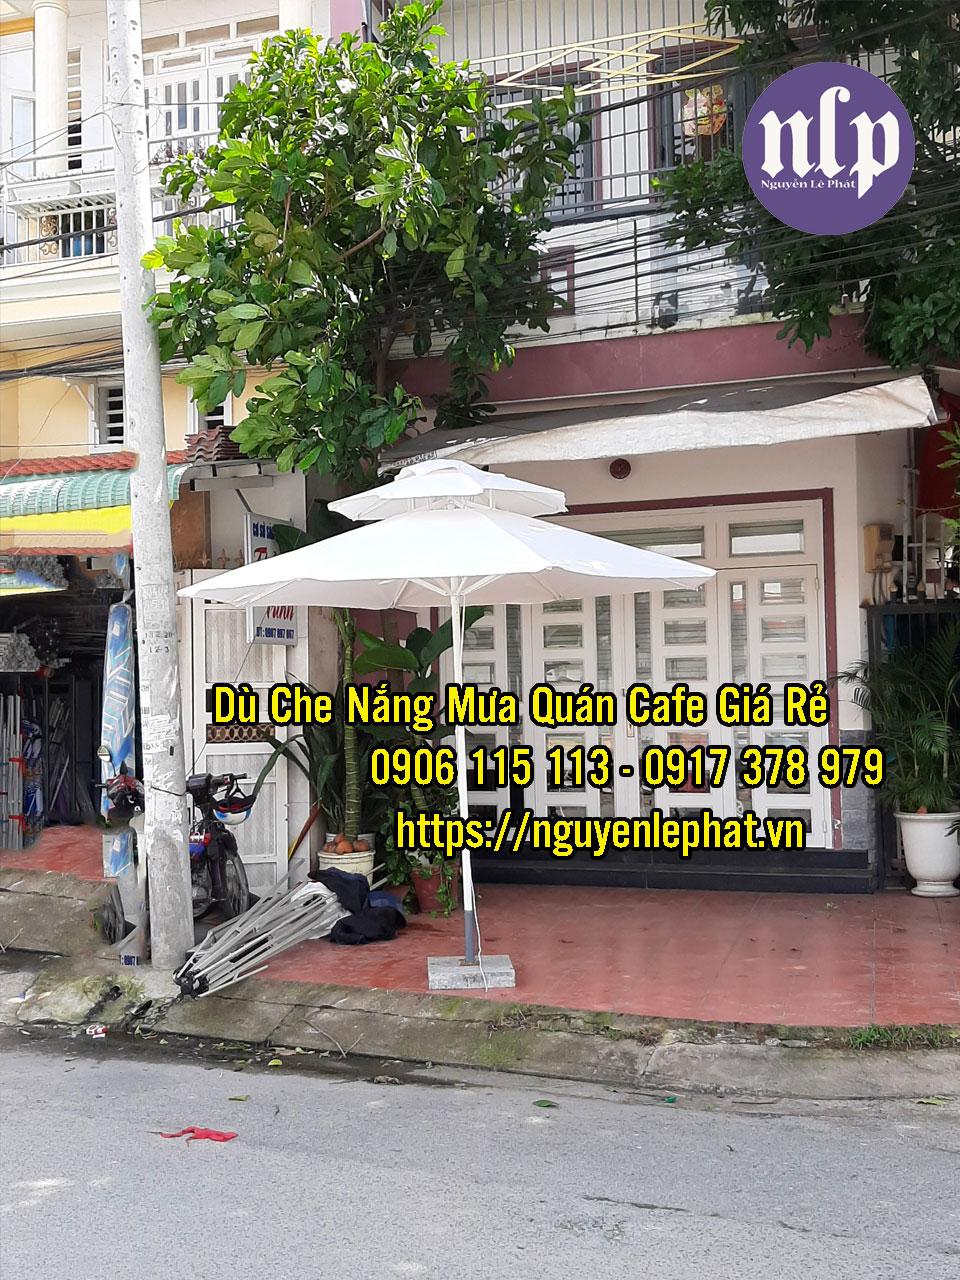 Điểm Bán Dù Che Nắng Quán Cafe Đà Lạt tại Bảo Lộc Lâm Đồng Giá Rê Mẫu Dù Đẹp